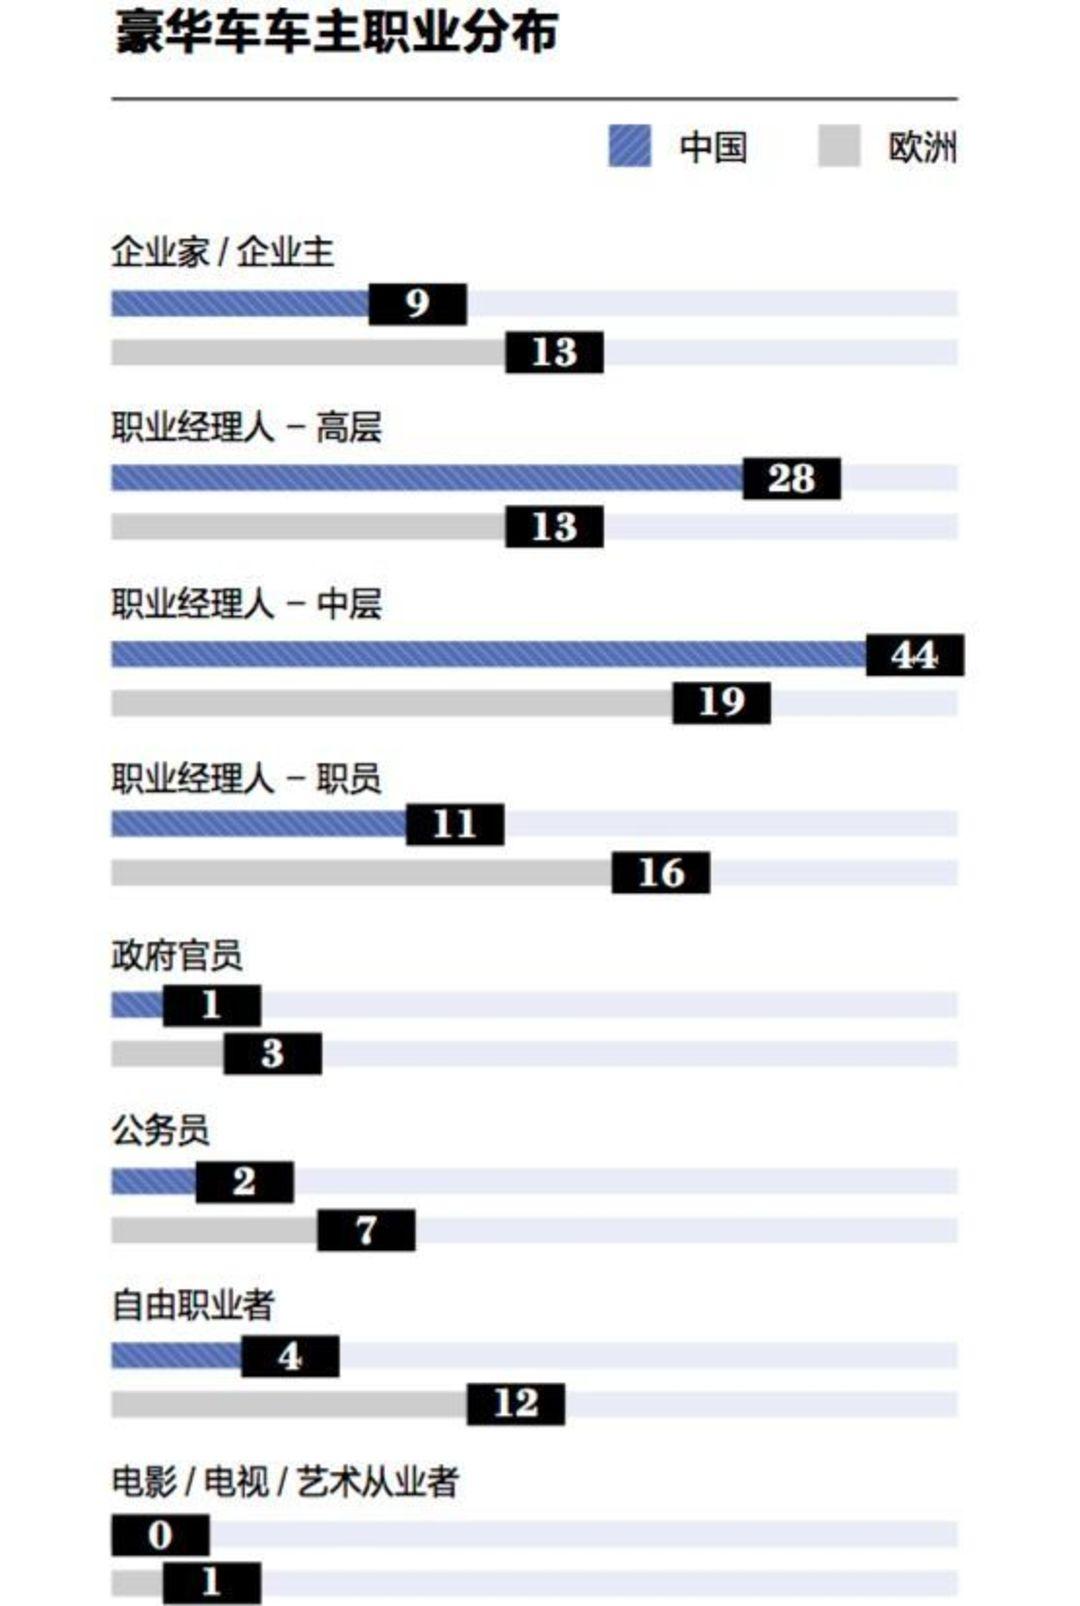 在中国和欧洲,开豪华车的都是哪些人?_商业_好奇心日报